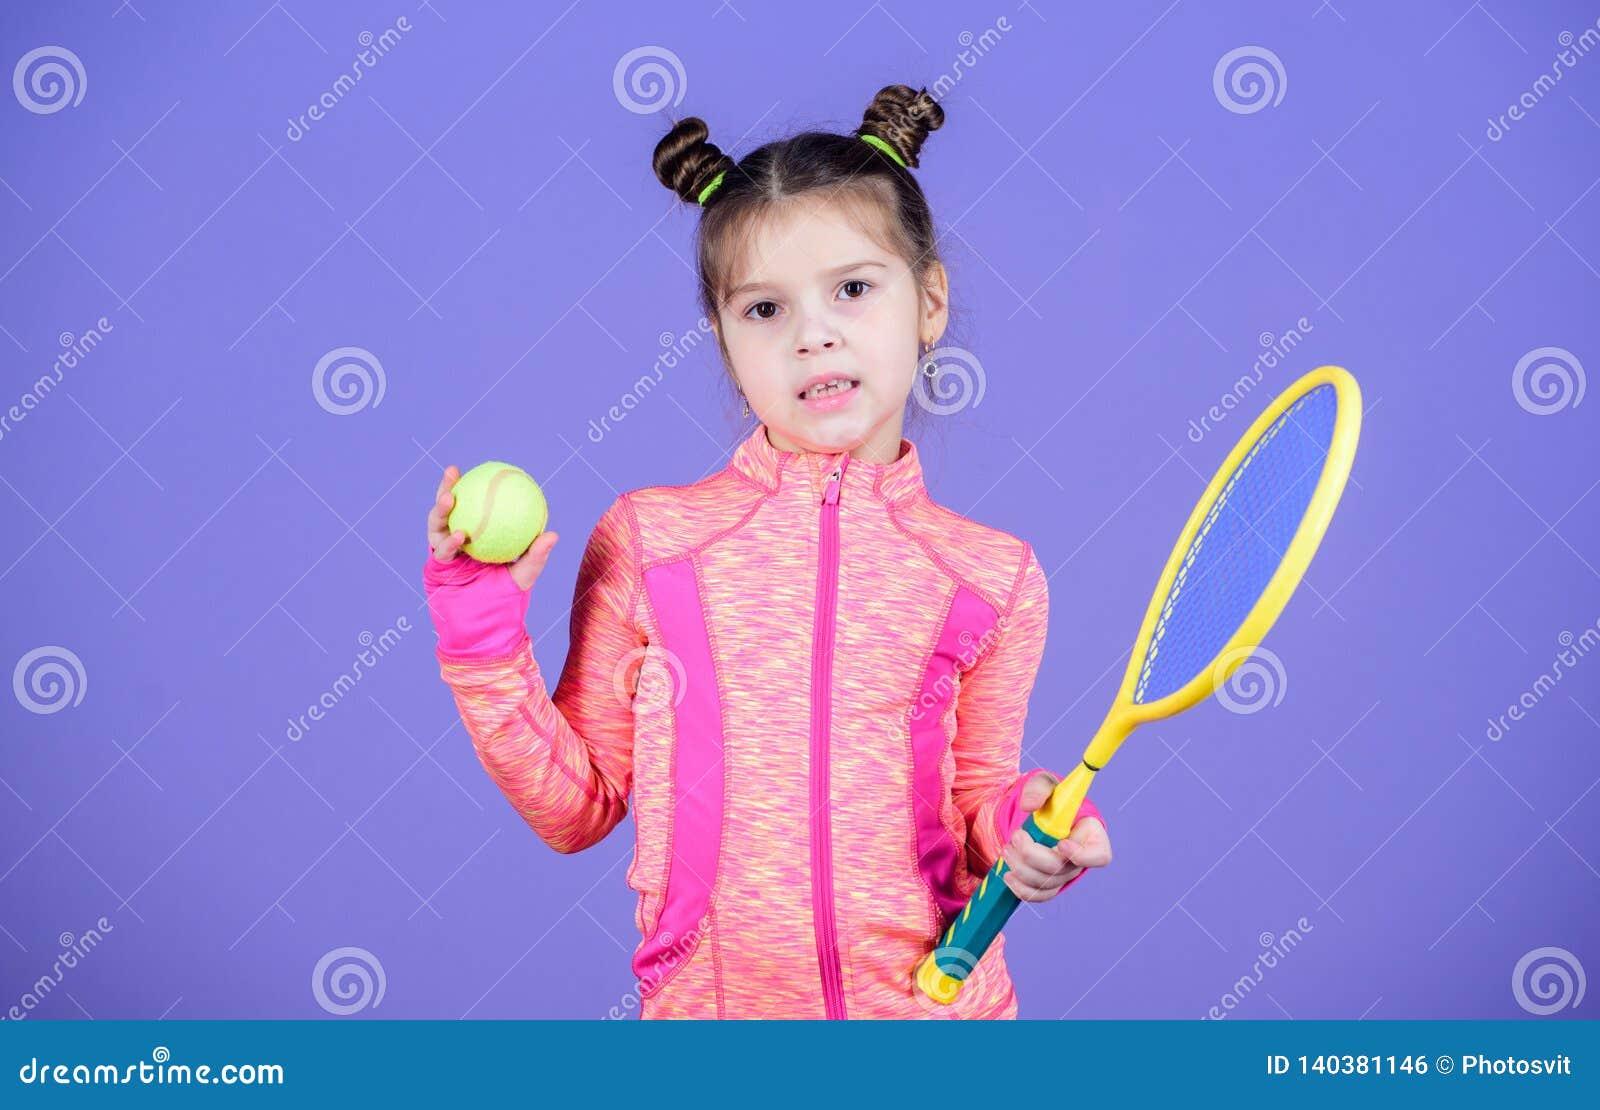 Éducation de sport Le petit cutie aime le tennis Peu jeu sportif de tennis de jeu de costume de bébé Enseignez-moi comment jouer